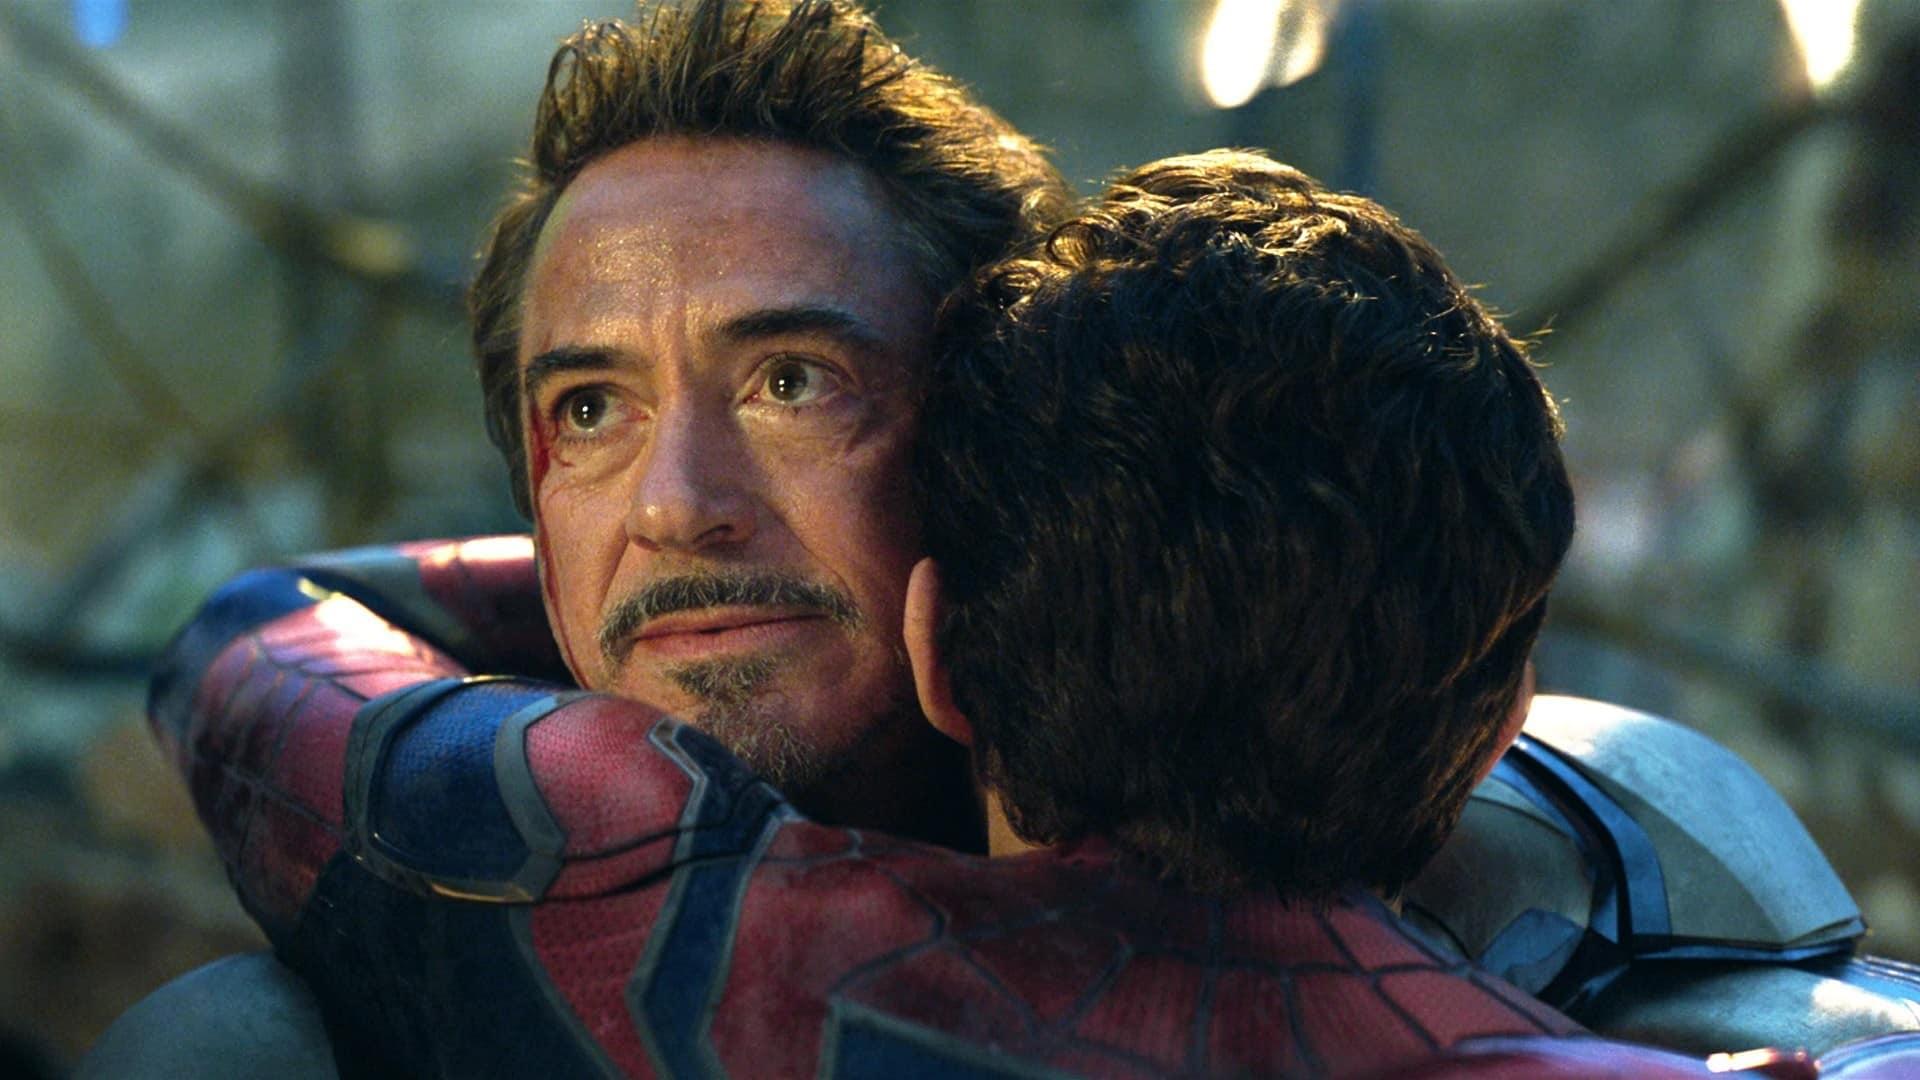 emocionalna scena z filmu avengers endgame